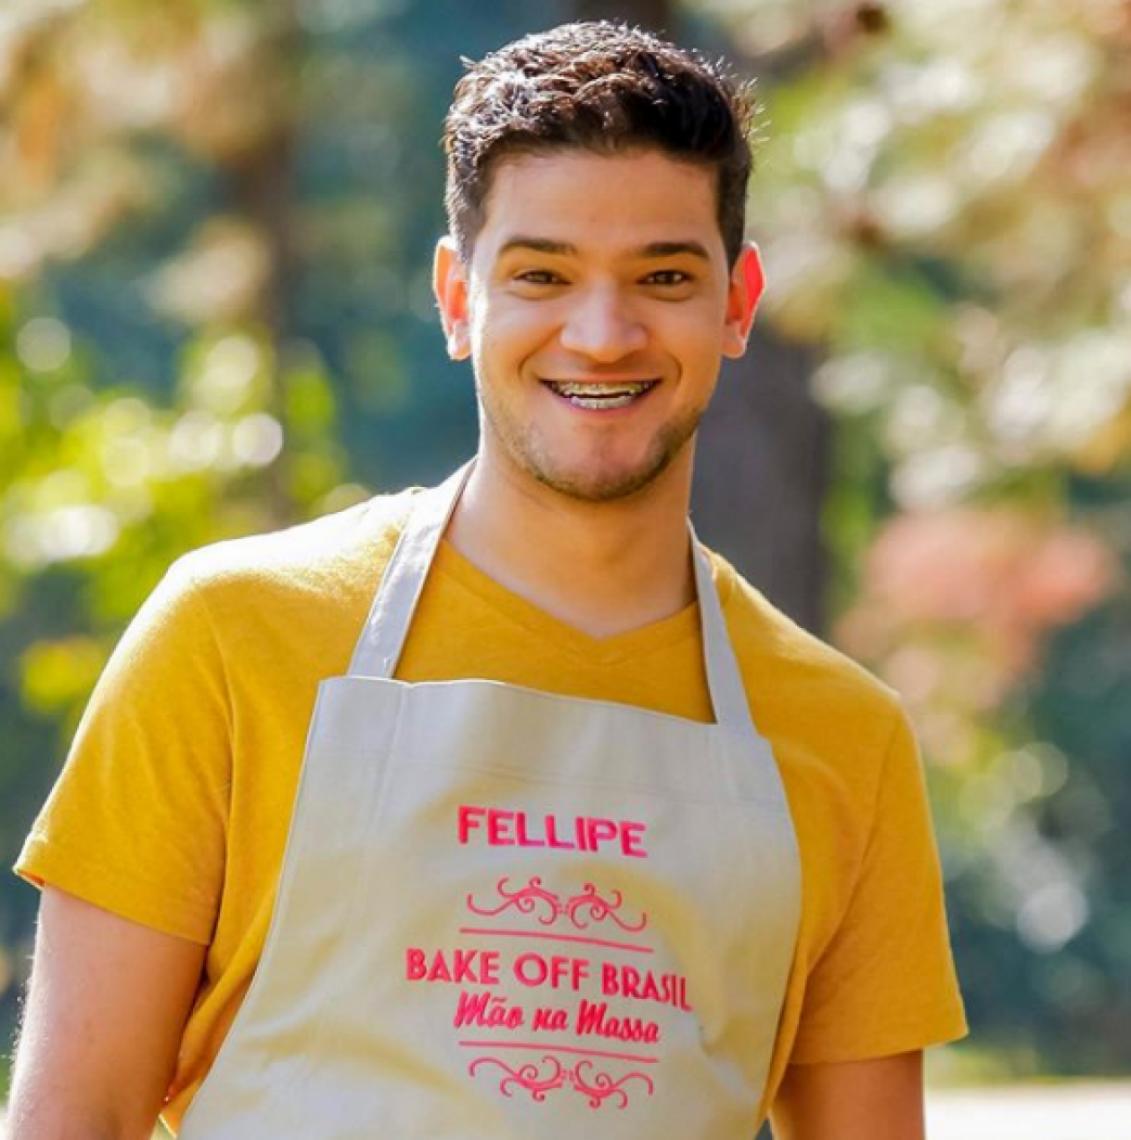 Fellipe Xenofonte participará da 5ª edição do reality show de confeitaria.